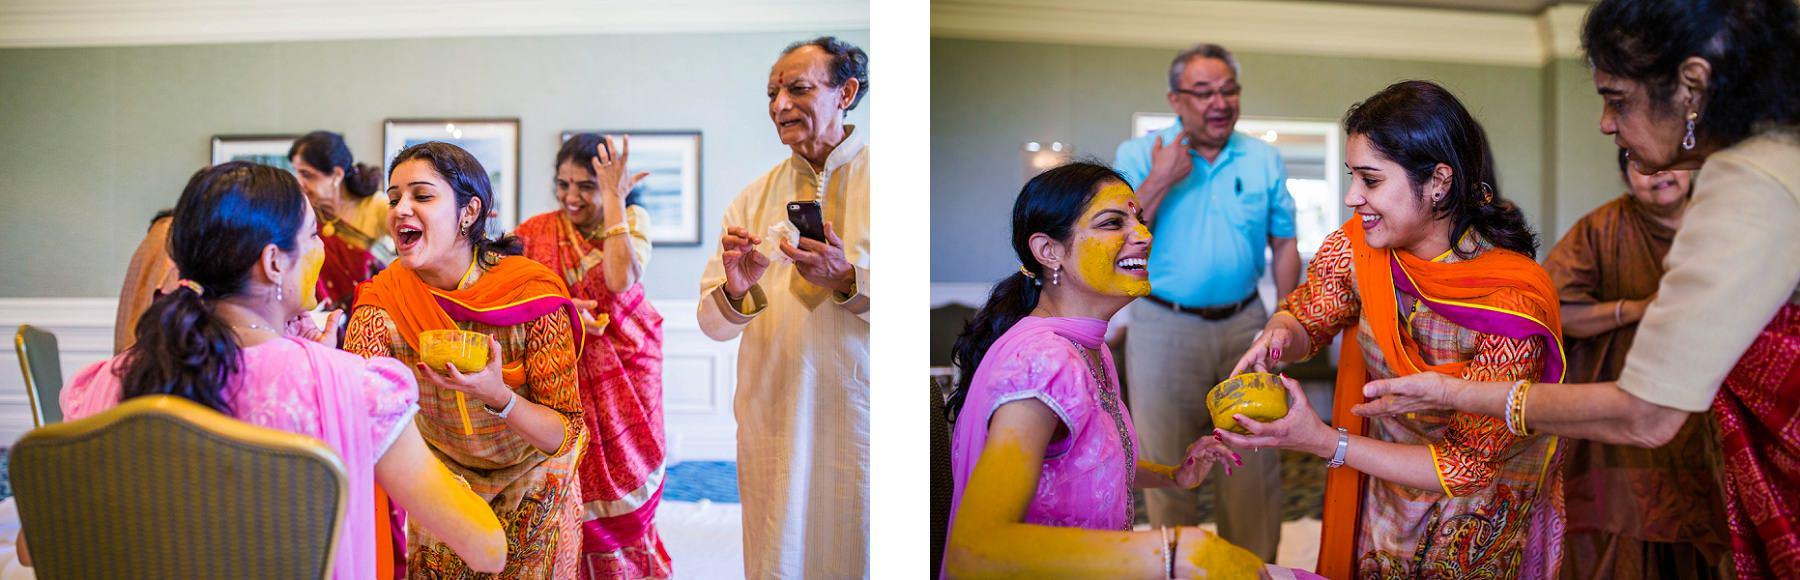 Indian Wedding Photography Amelia Island